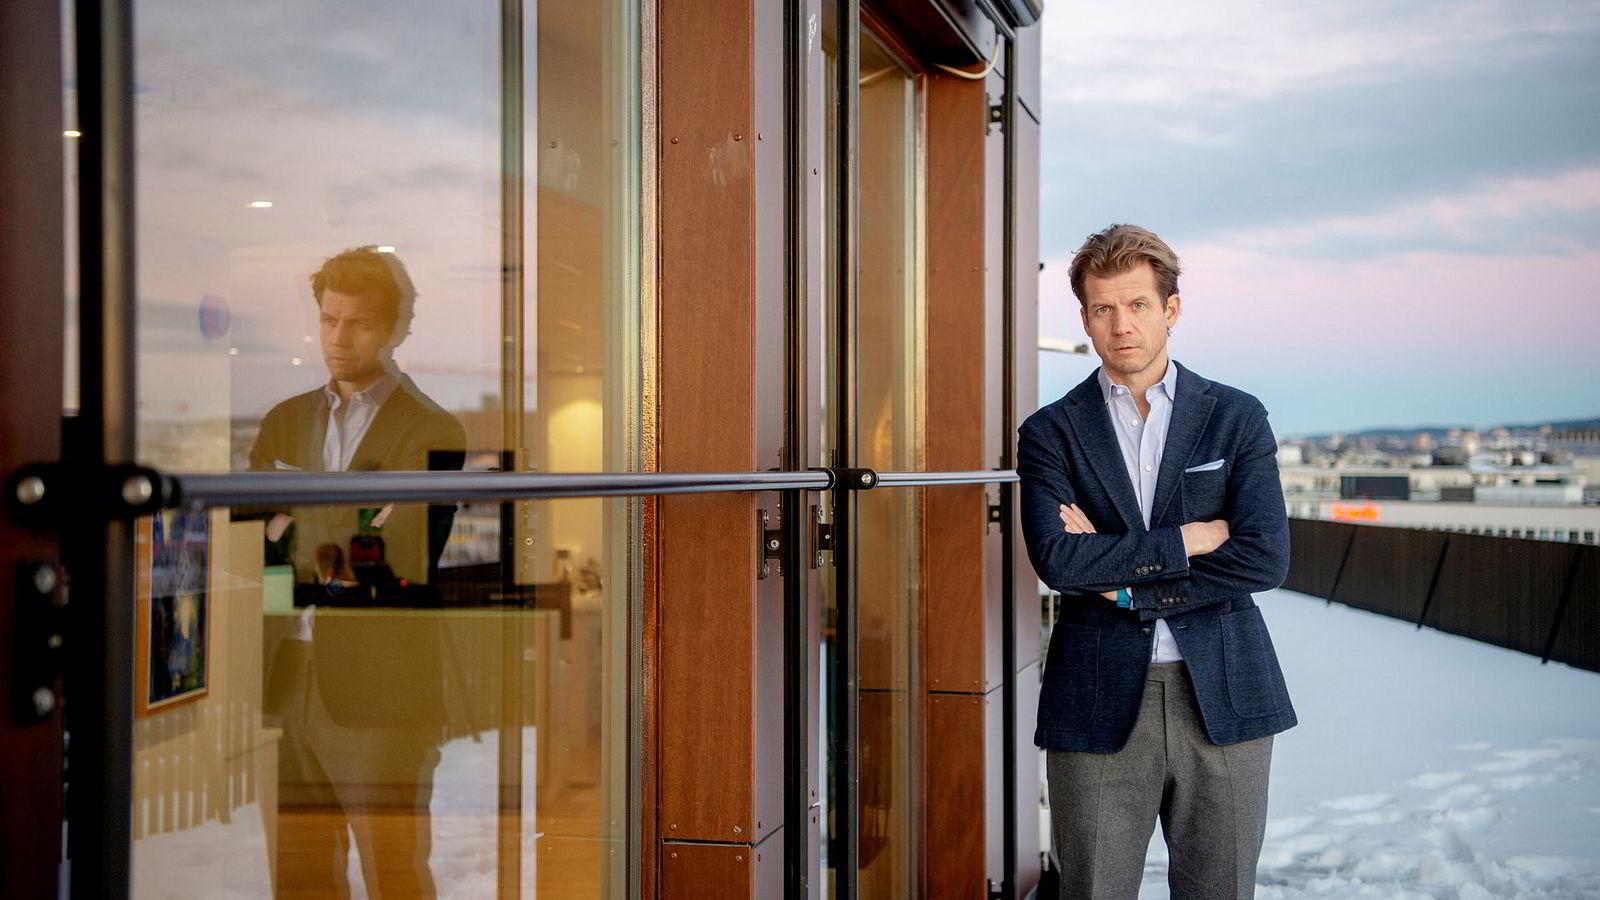 Advokat Harald Hauge har representert Johan H. Andresens selskap Ferd i skattespørsmål i en årrekke. Han mener det er gode grunner til at Ferd slapp med fritak for skatt på gevinstene fra Herkules-fondet som DN har omtalt.